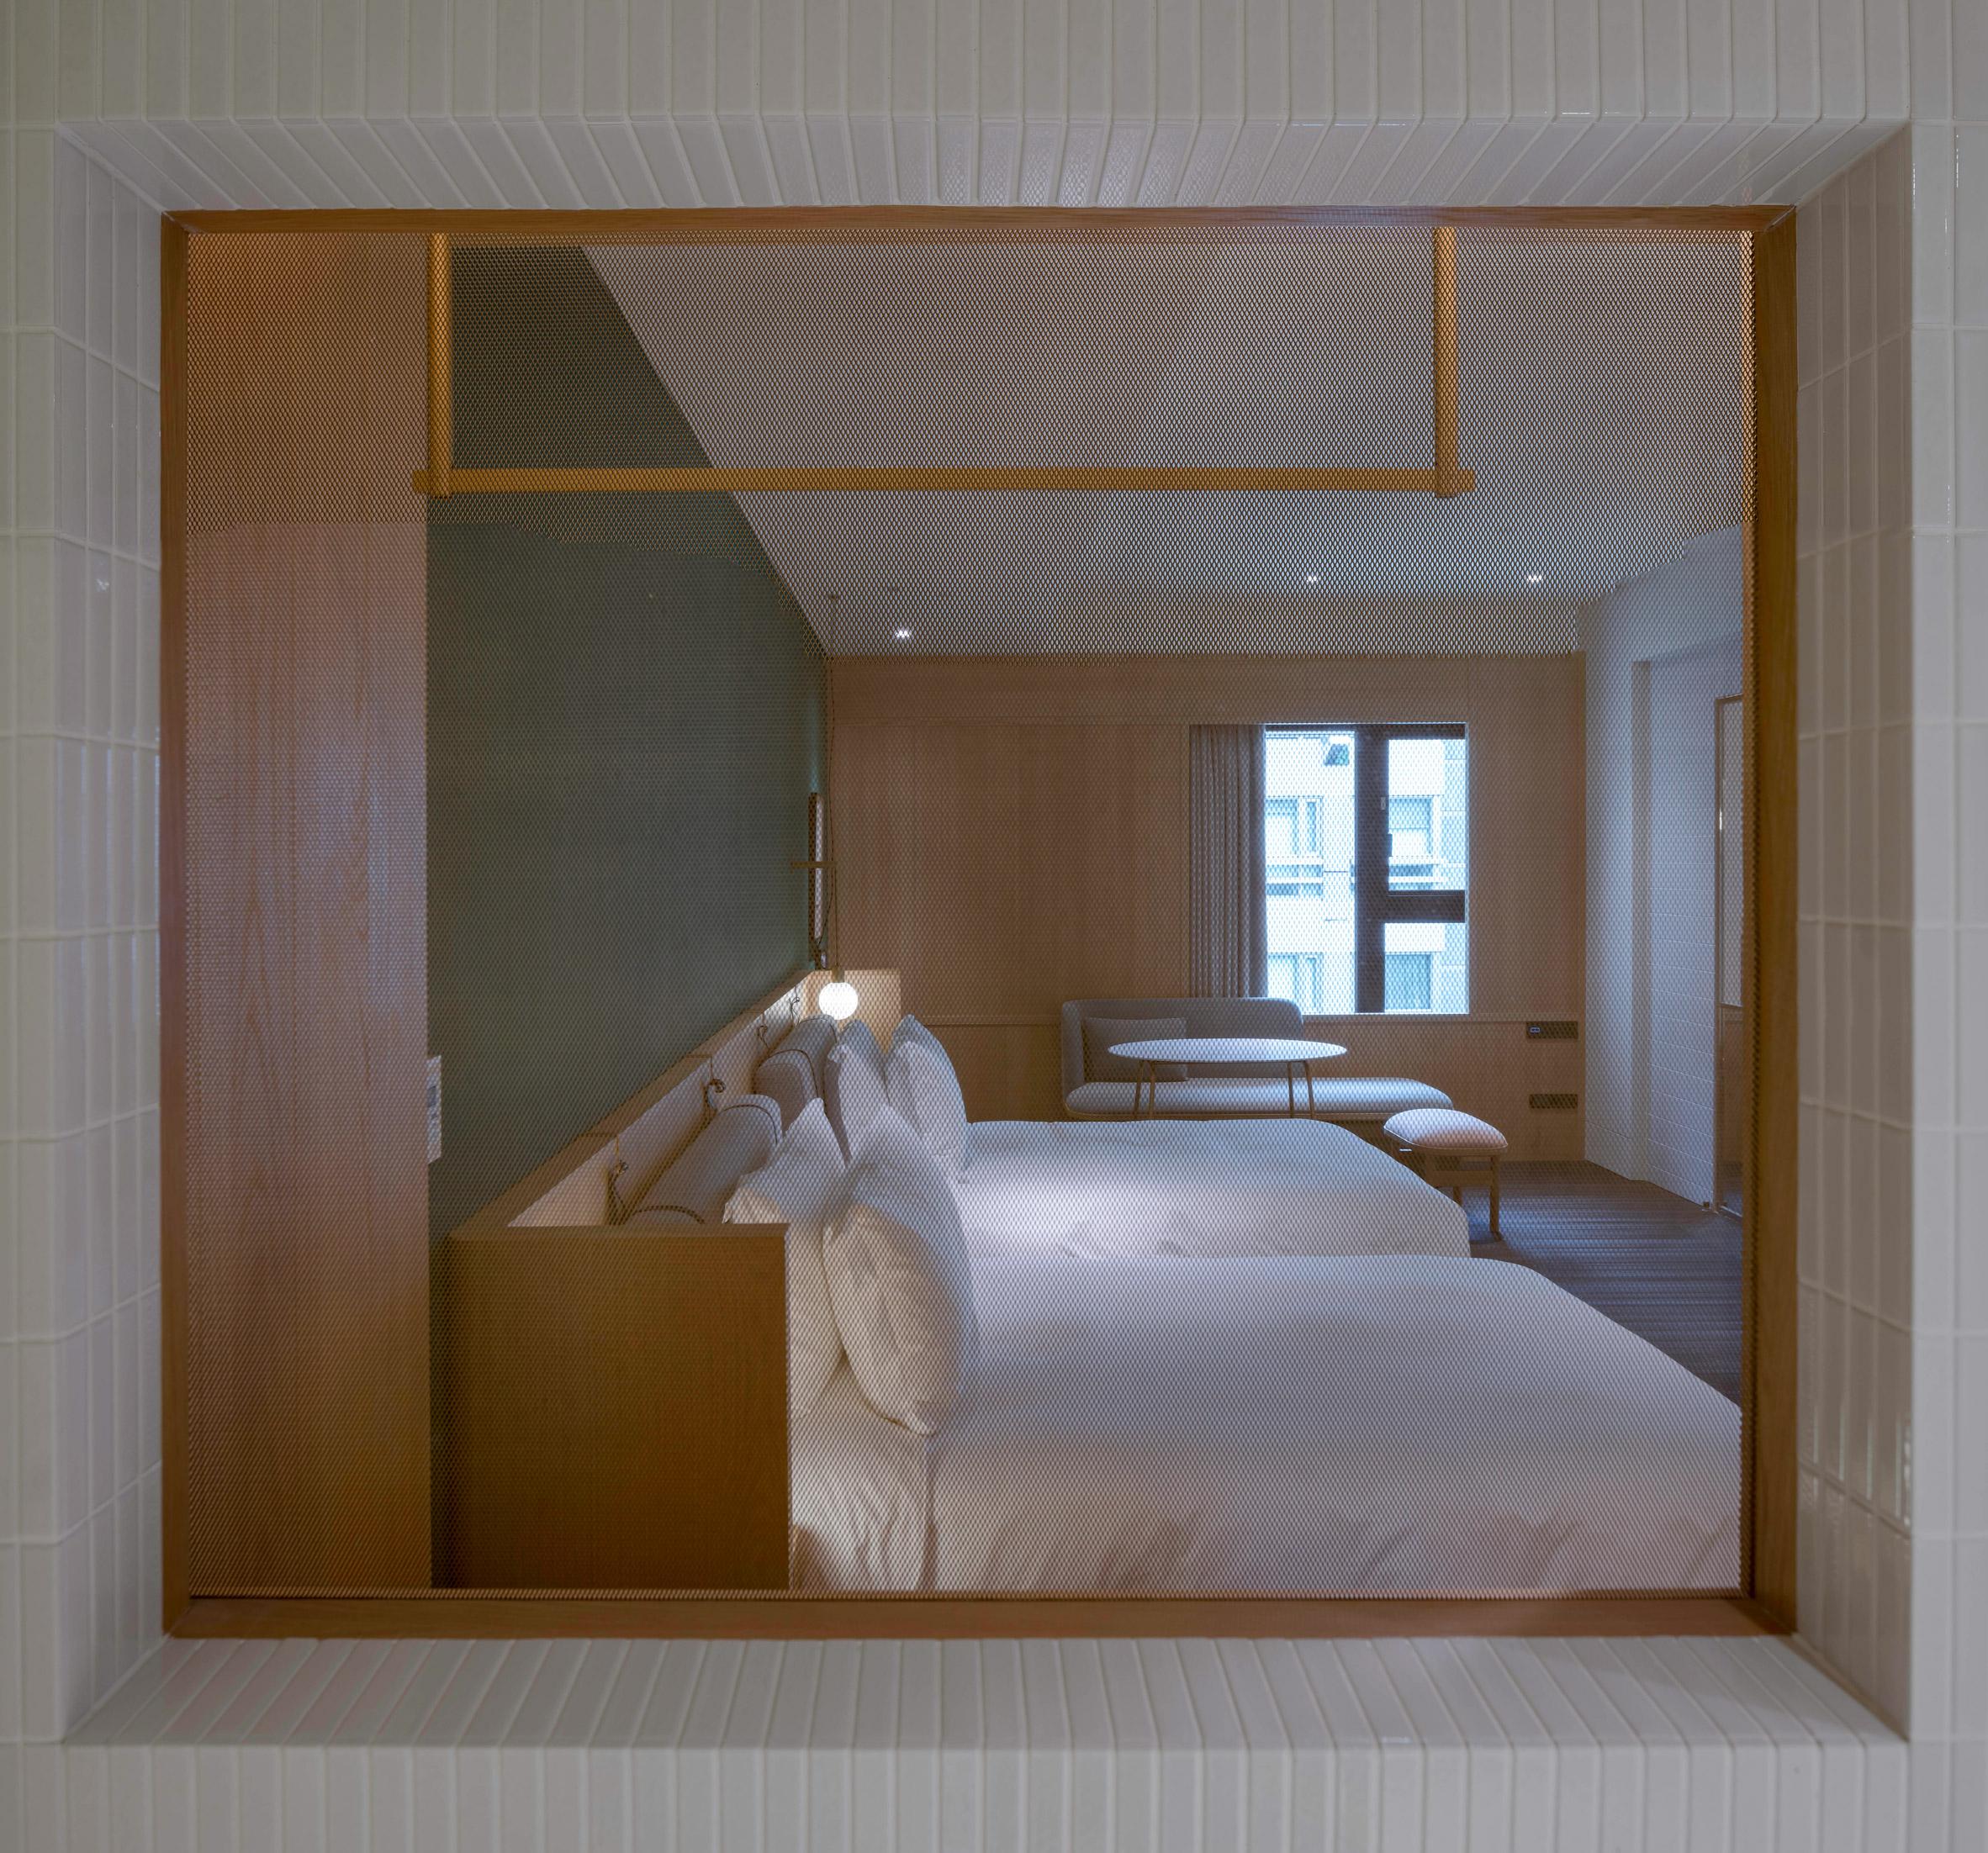 Kimpton Da An Hotel by Neri&Hu